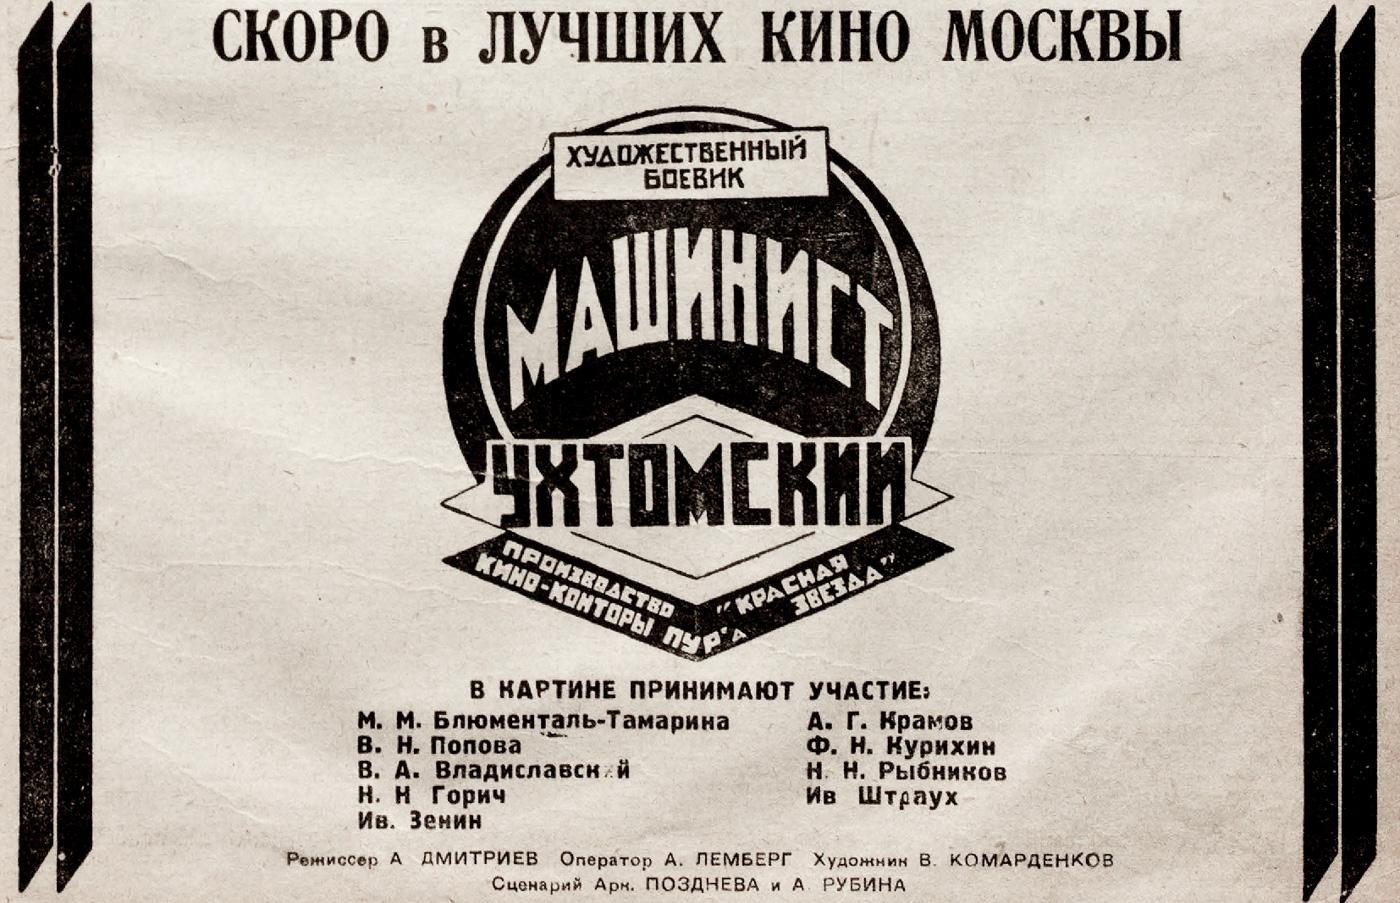 """""""Художественный боевик Машинист Ухтомский"""" СССР, 1926 год"""